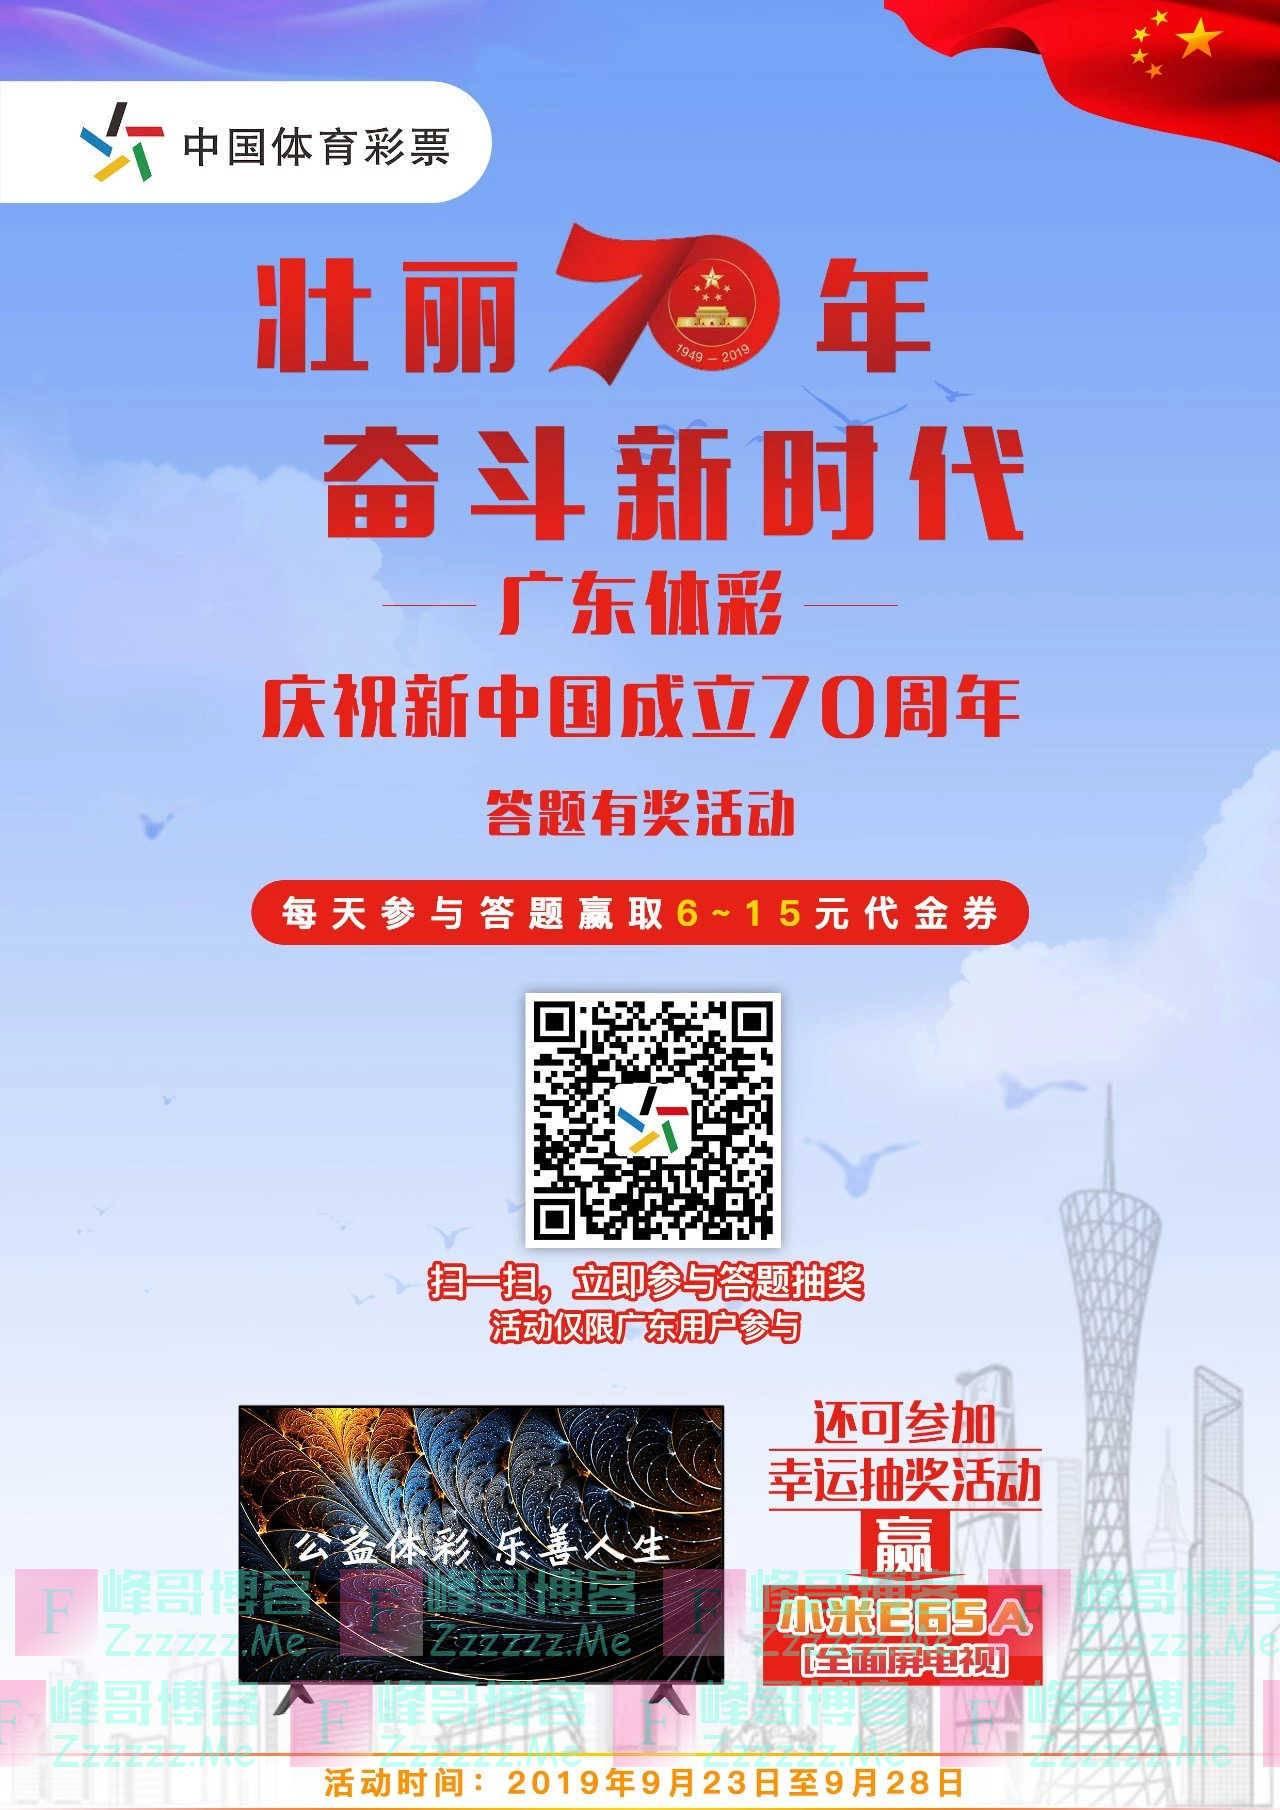 广东体彩庆祝新中国成立70周年答题有奖活动(9月28日截止)